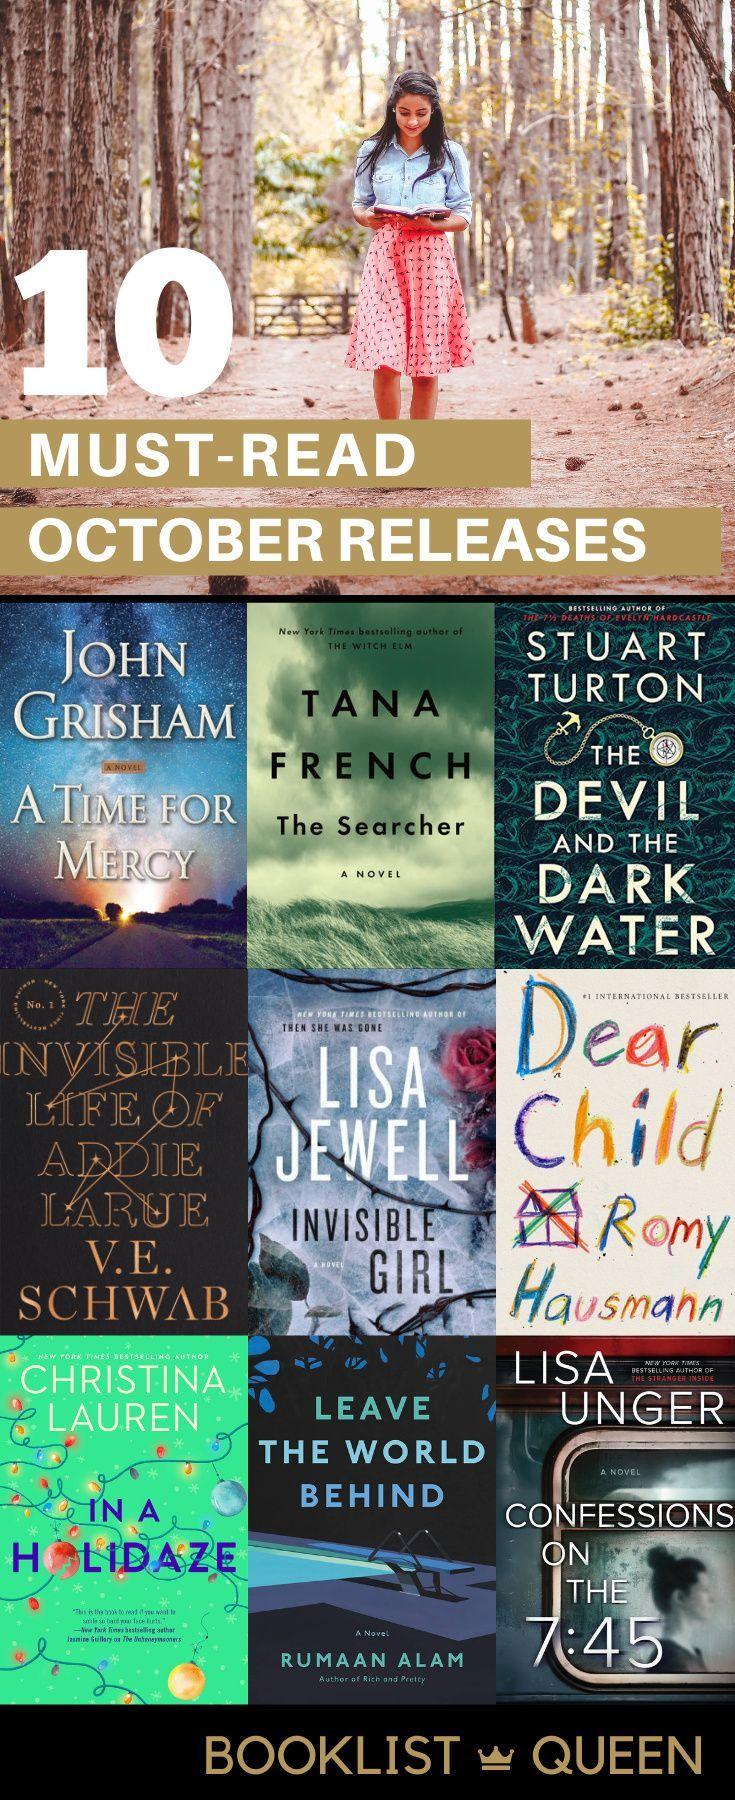 Best Halloween Book Releases 2020 October 2020 Book Releases in 2020 | Book club books, Books, Book